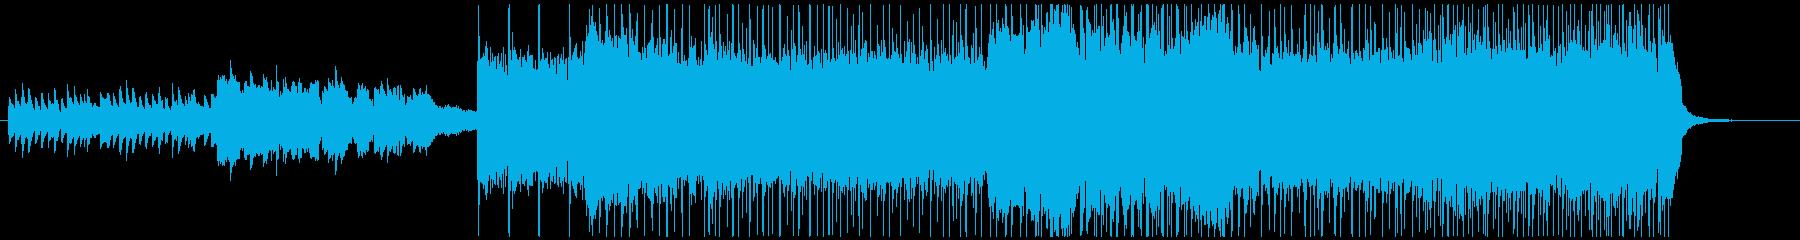 ヨナ抜き音階の和ロックの再生済みの波形